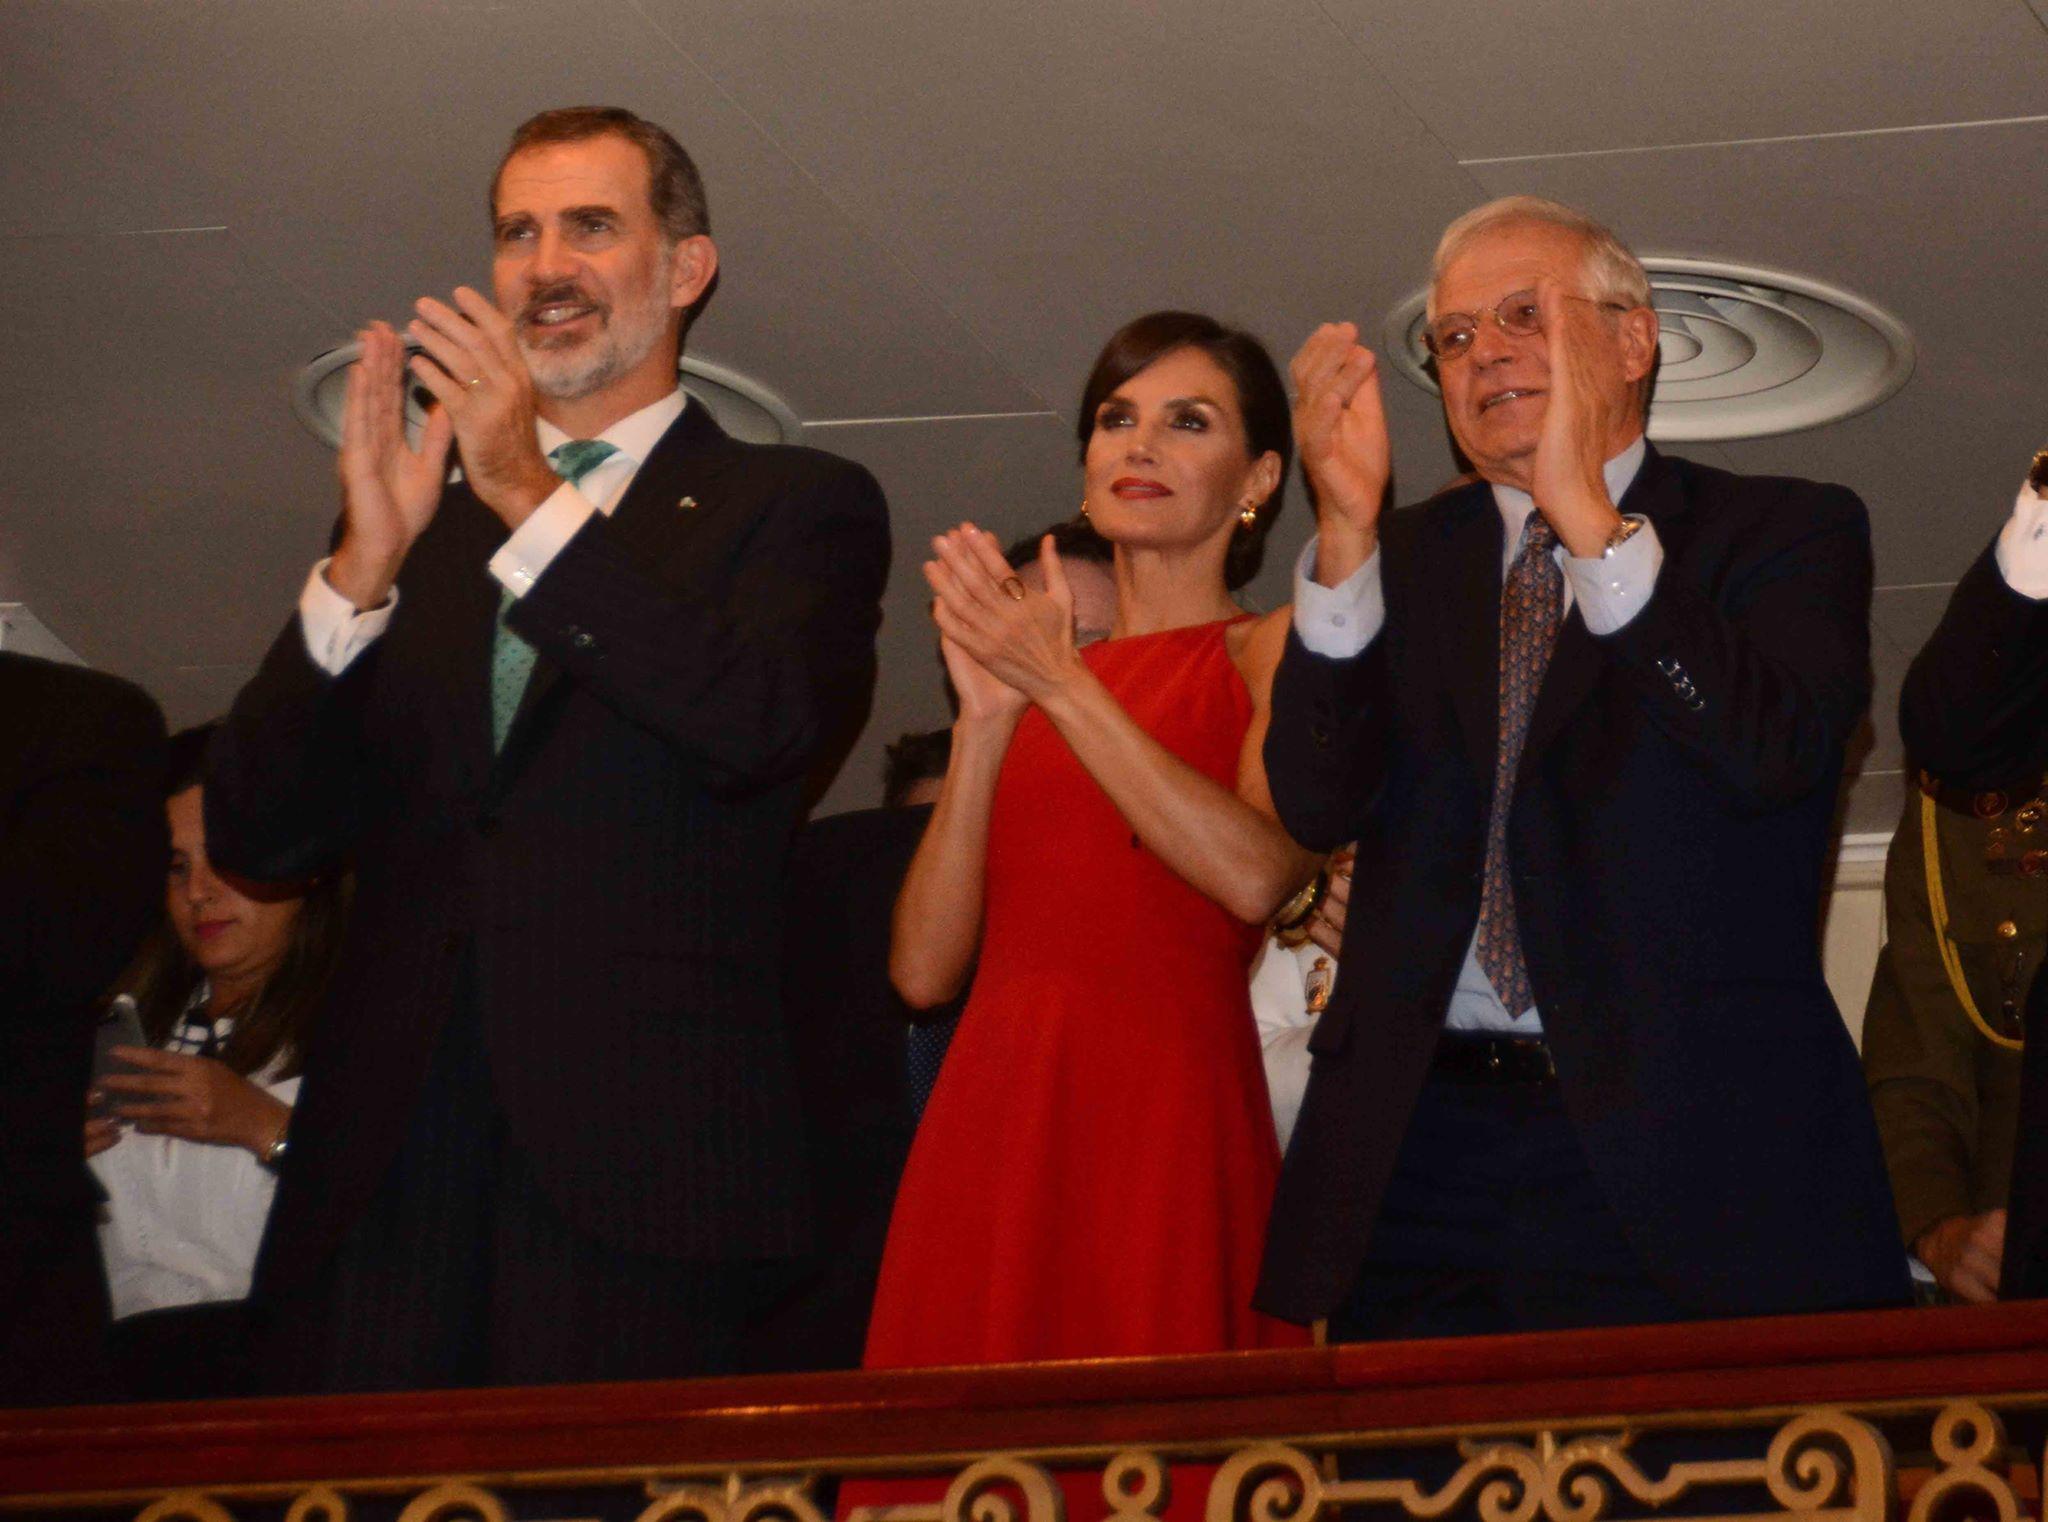 Les rois d'Espagne ont assisté à un spectacle de dance en leur honneur